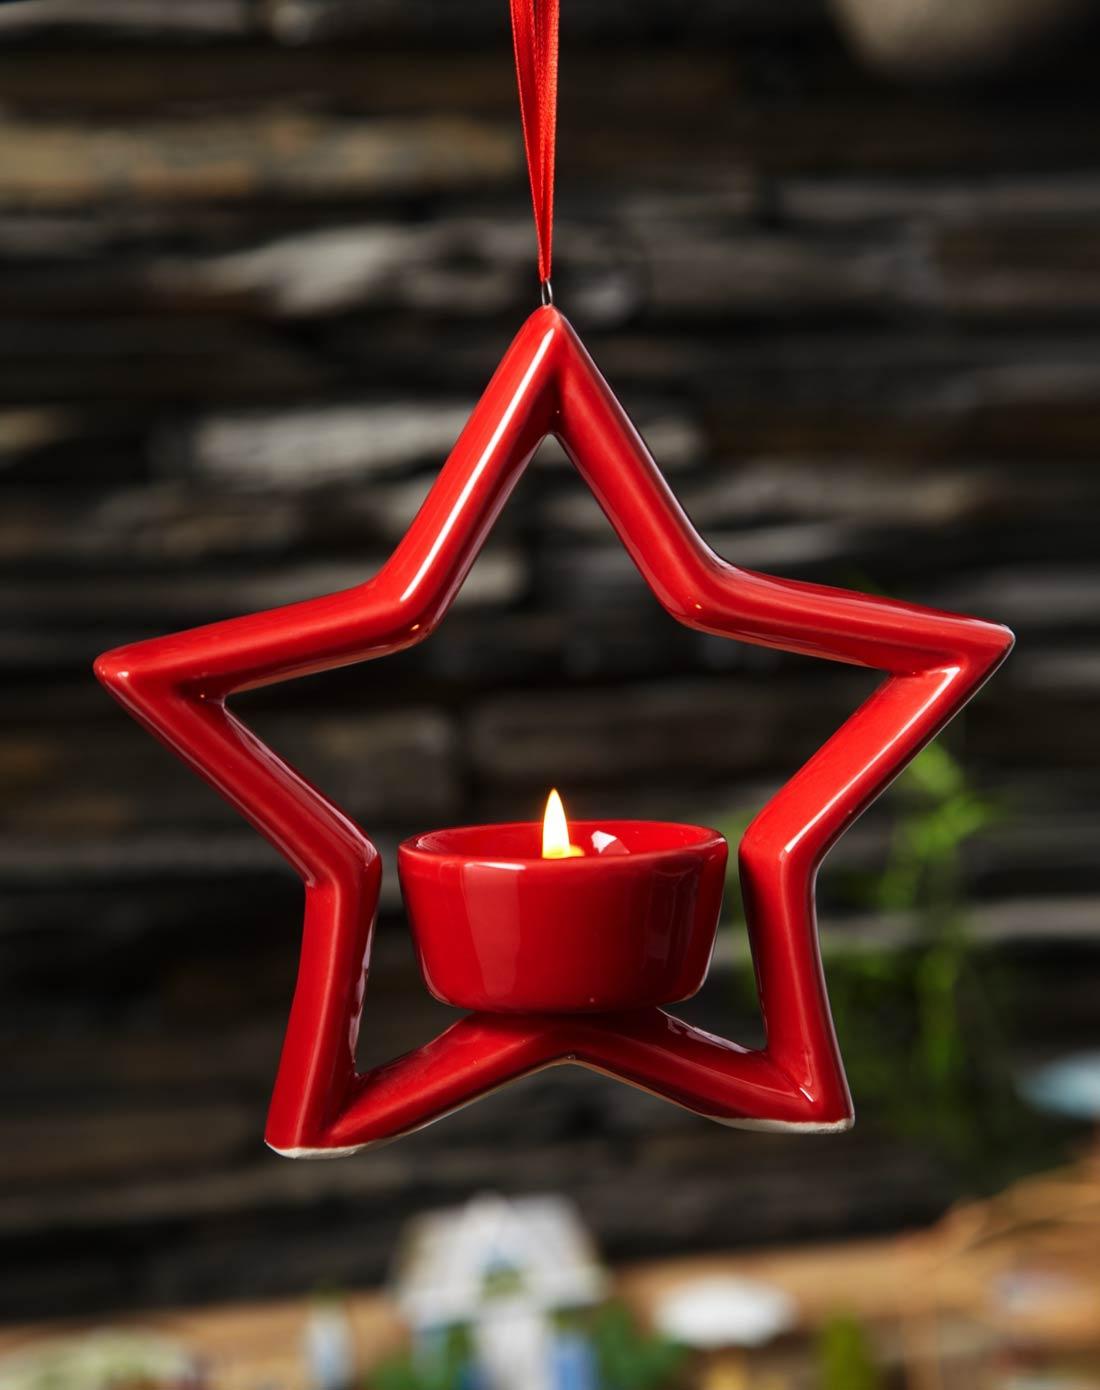 五角星镂空陶瓷个性烛台(红色)